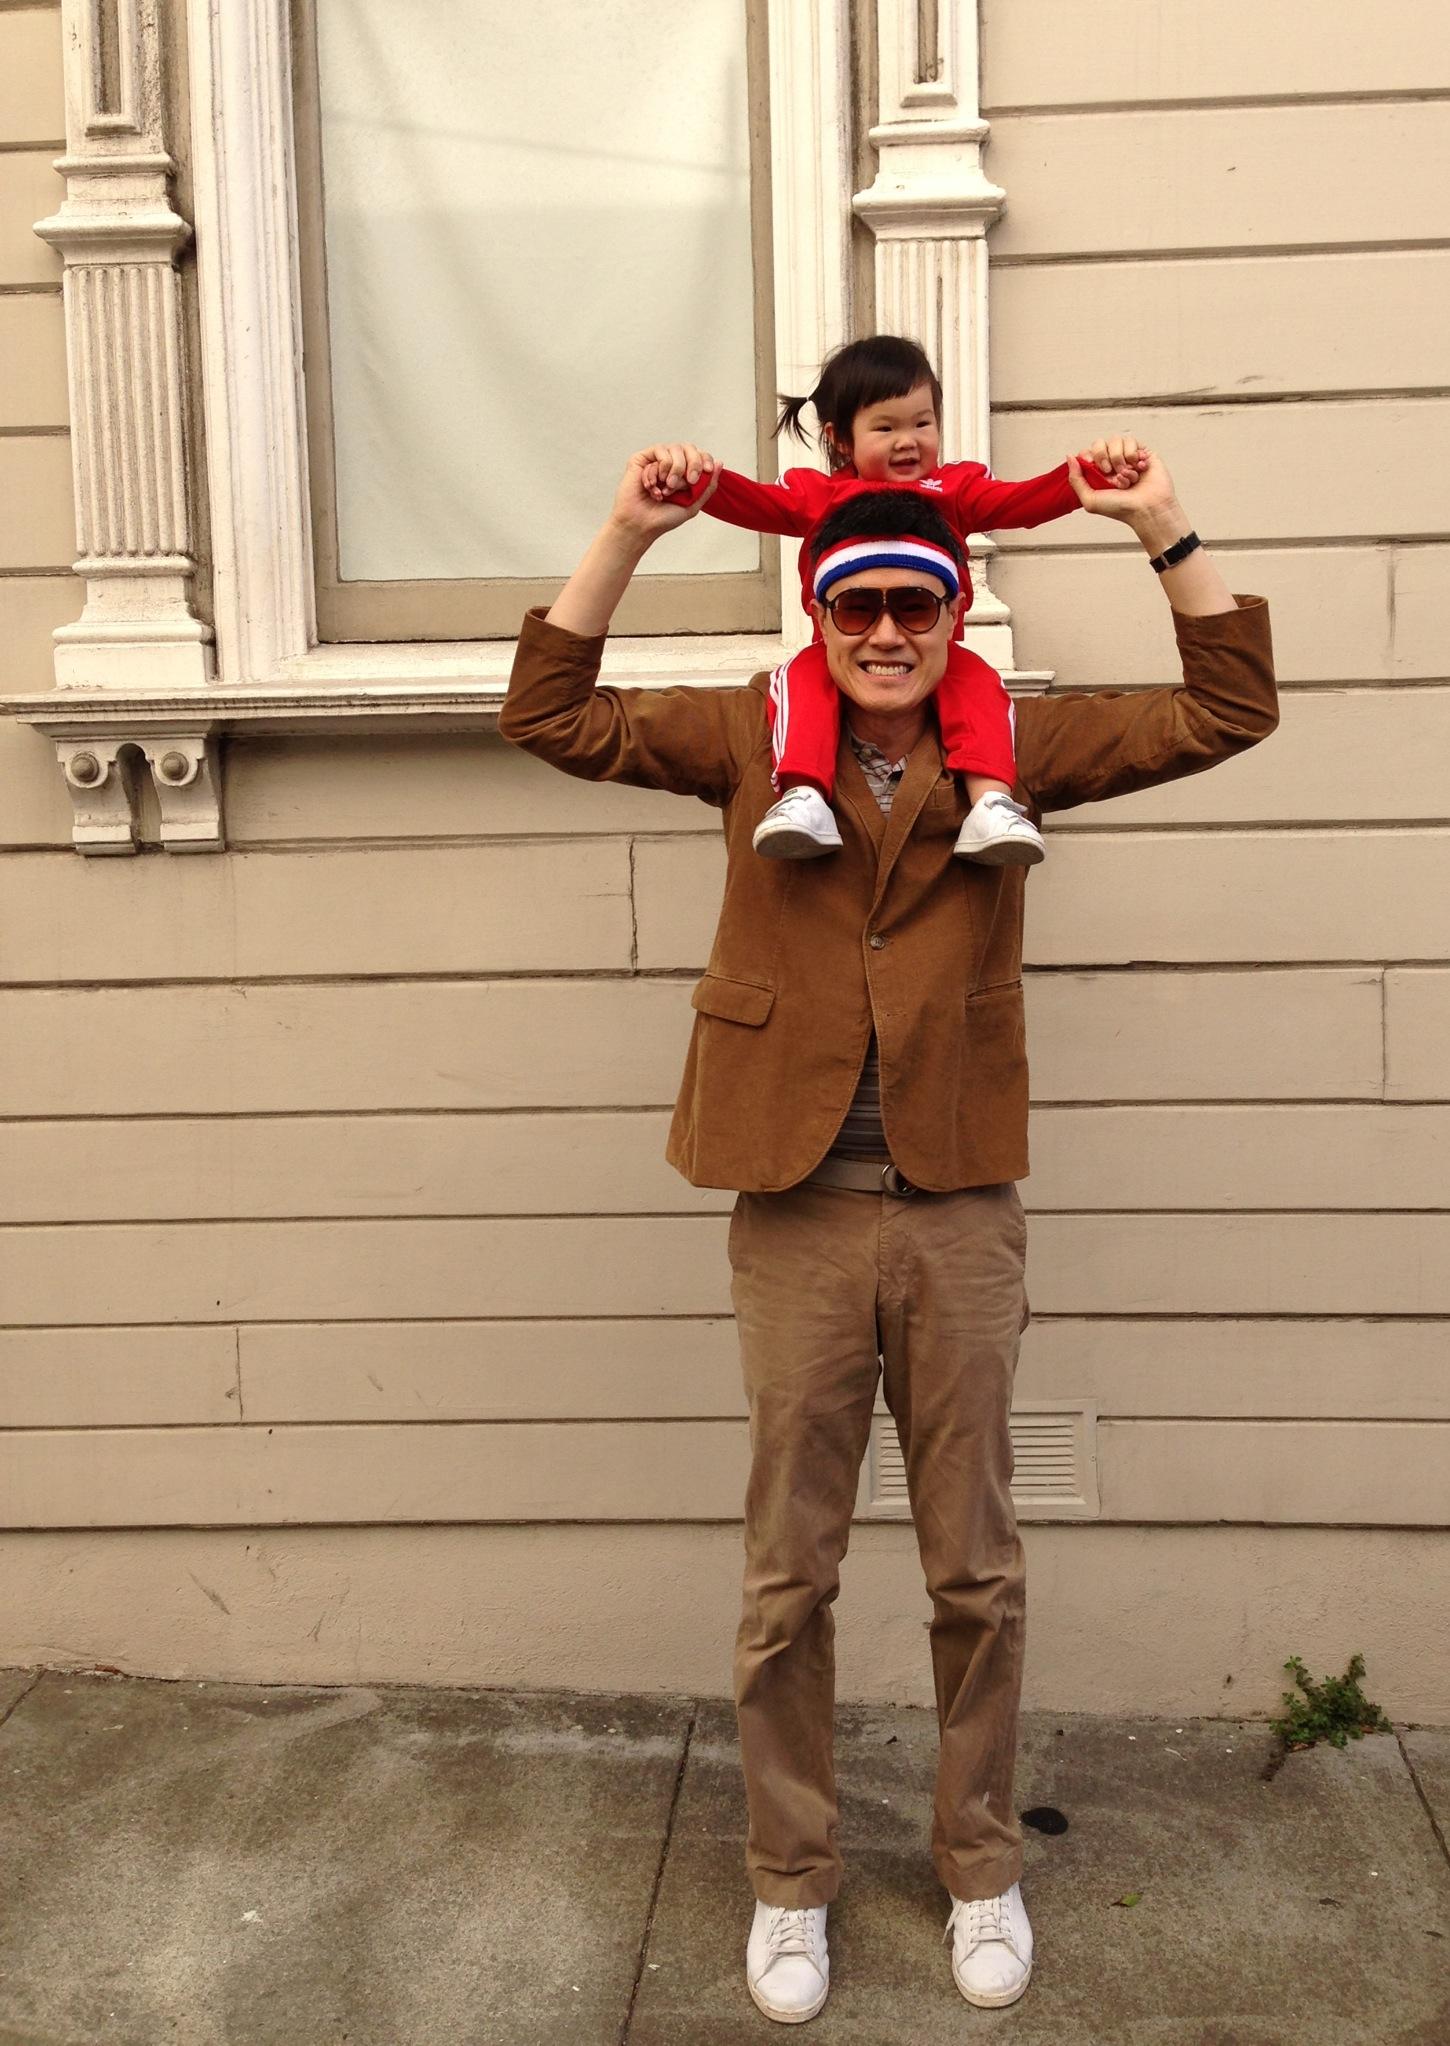 margot and ritchie tenenbaum costume – WHAT HELEN WORE TODAY